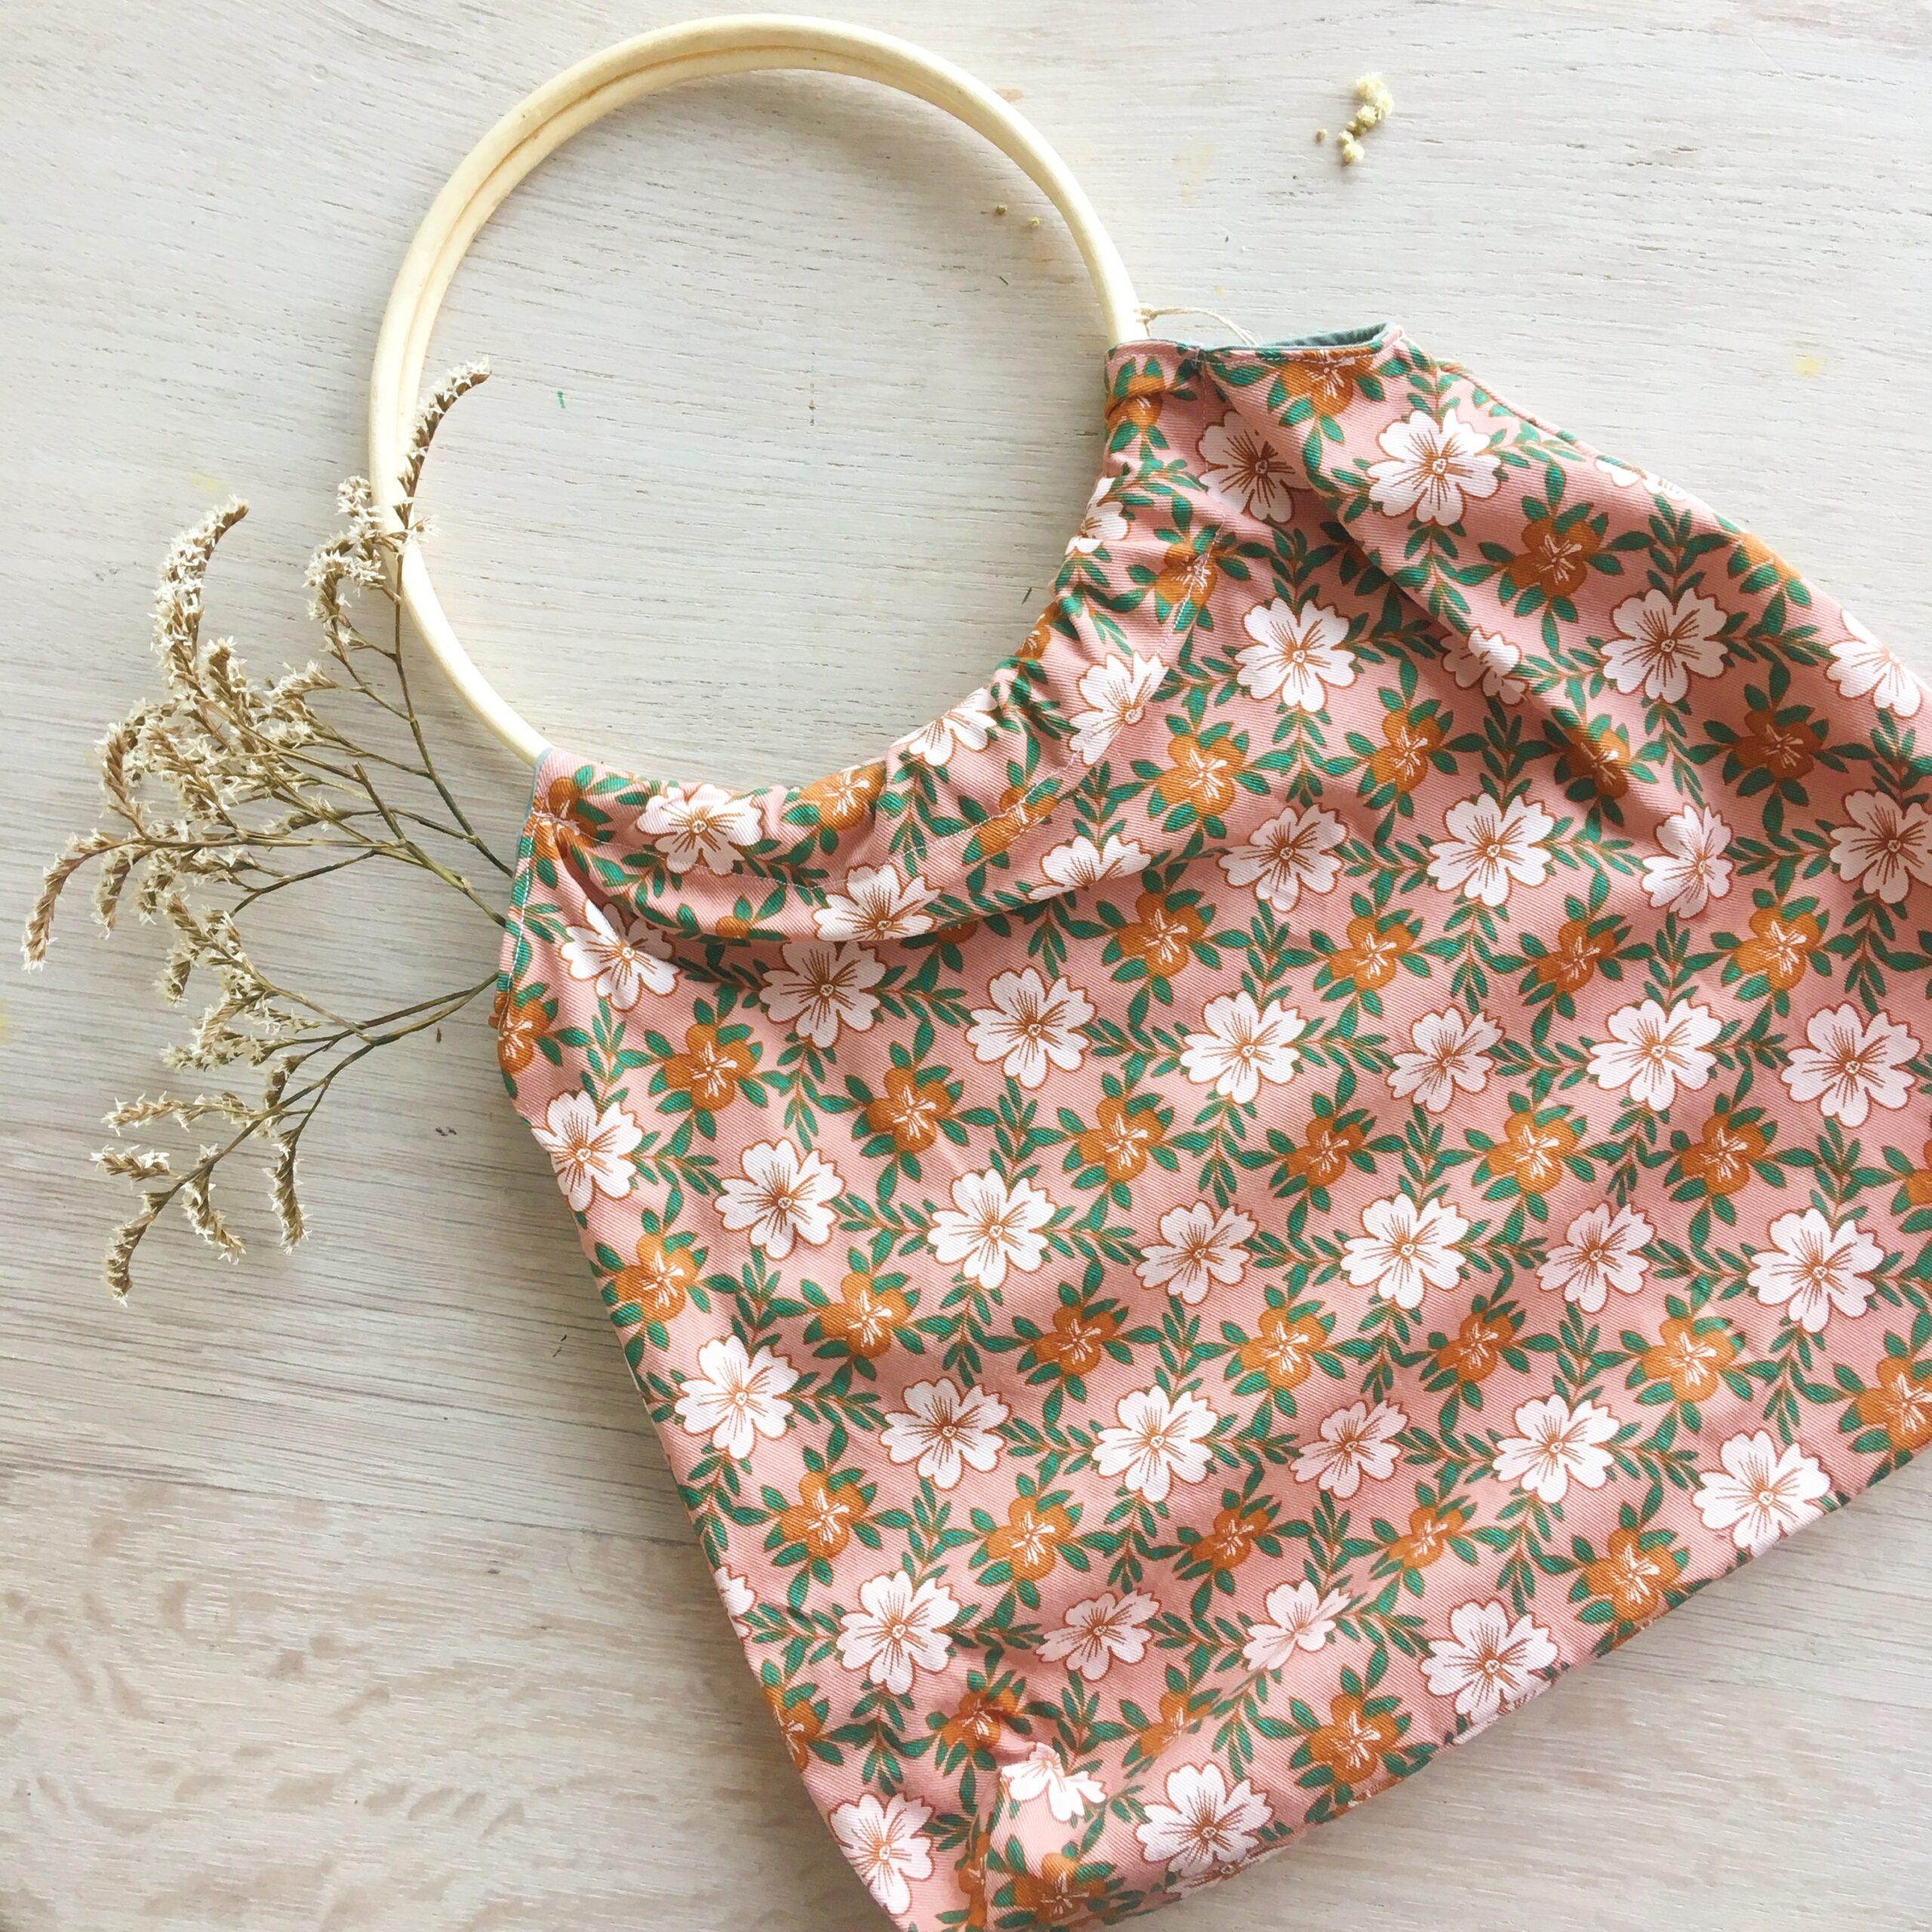 sac Paulette modèle vieux rose vert eucalyptus et orangé avec anses rondes en osier rotin et coloris automne hiver confection artisanale française en coton fleuri - du vent dans mes valises